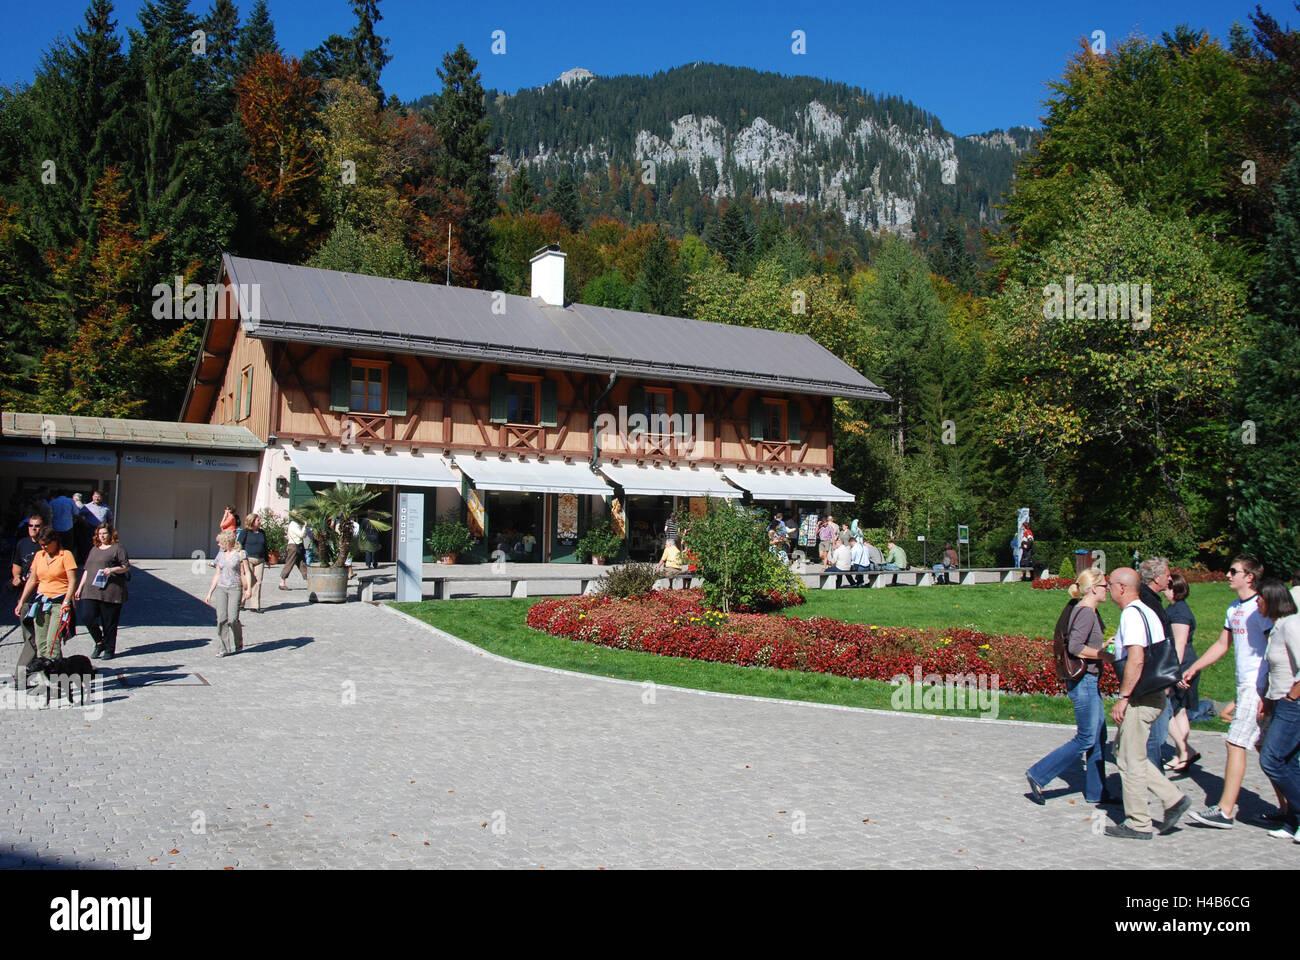 Germany, Bavaria, lock, gentle court, input building, souvenir business, park, tourist, Upper Bavaria, castle building, - Stock Image